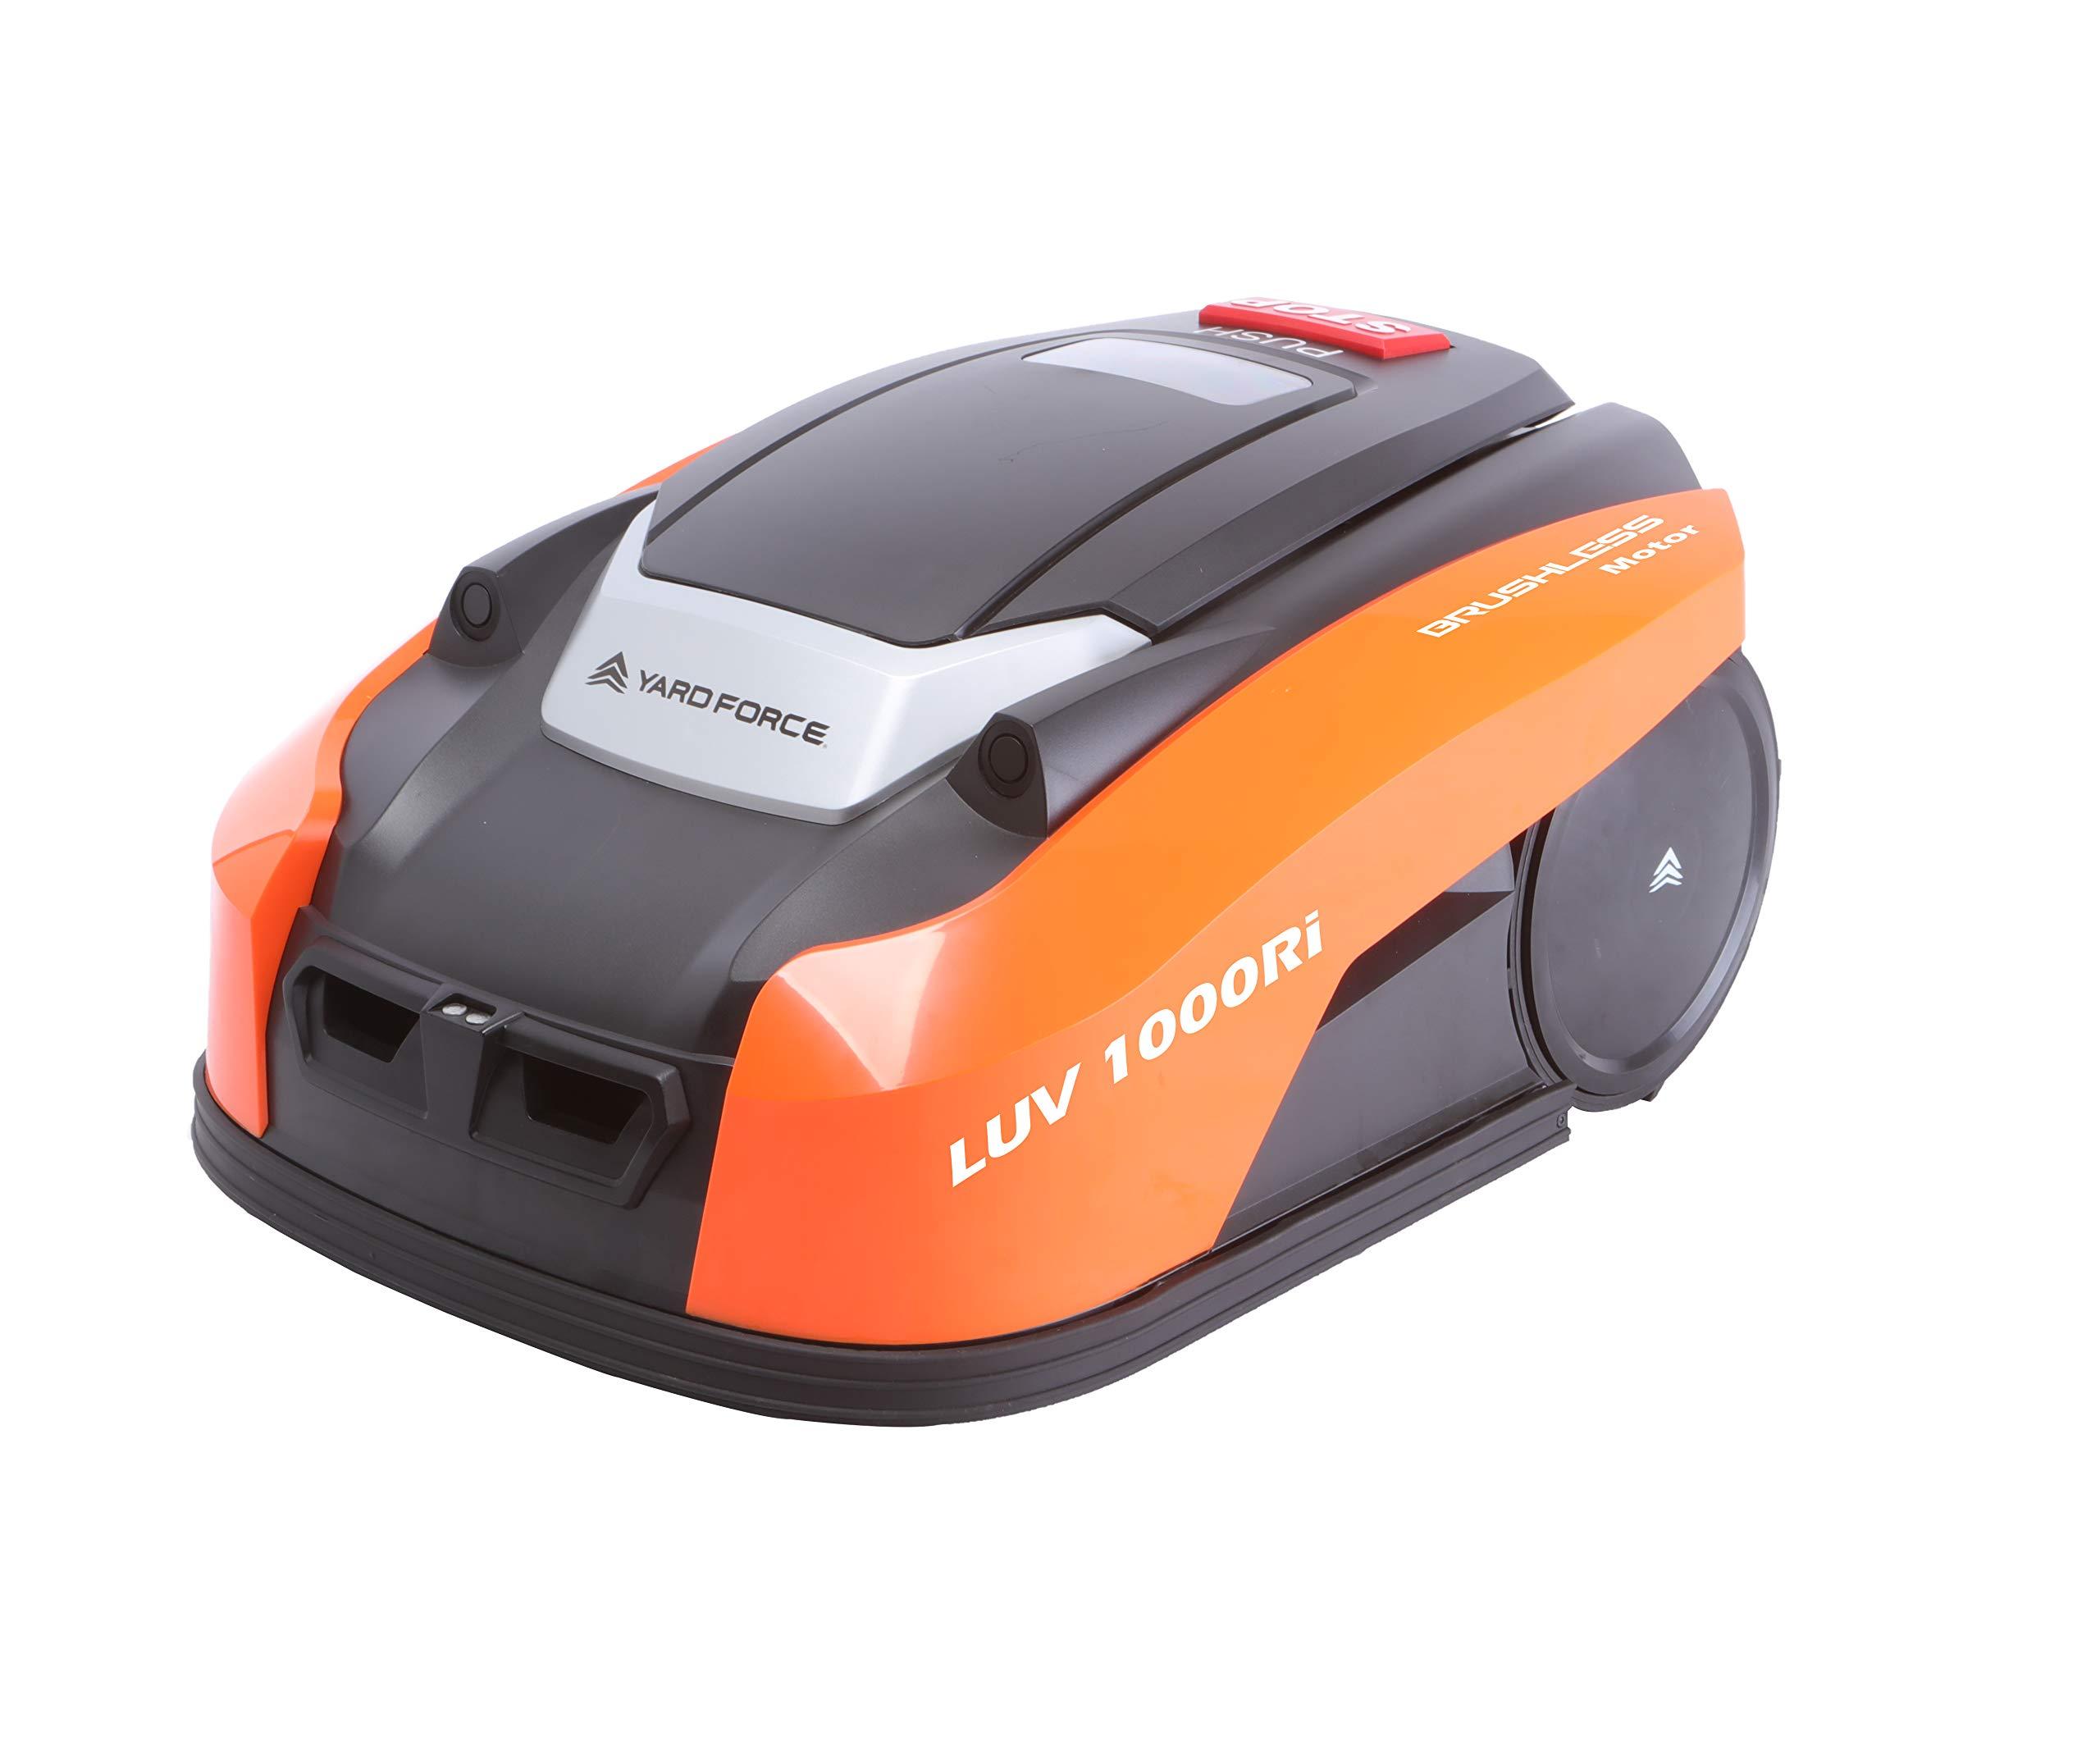 Yard Force LUV 1000Ri Mähroboter bis zu 1000 qm mit WLAN-Verbindung, iRadar Ultraschallsensor, Rasenkanten-Funktion